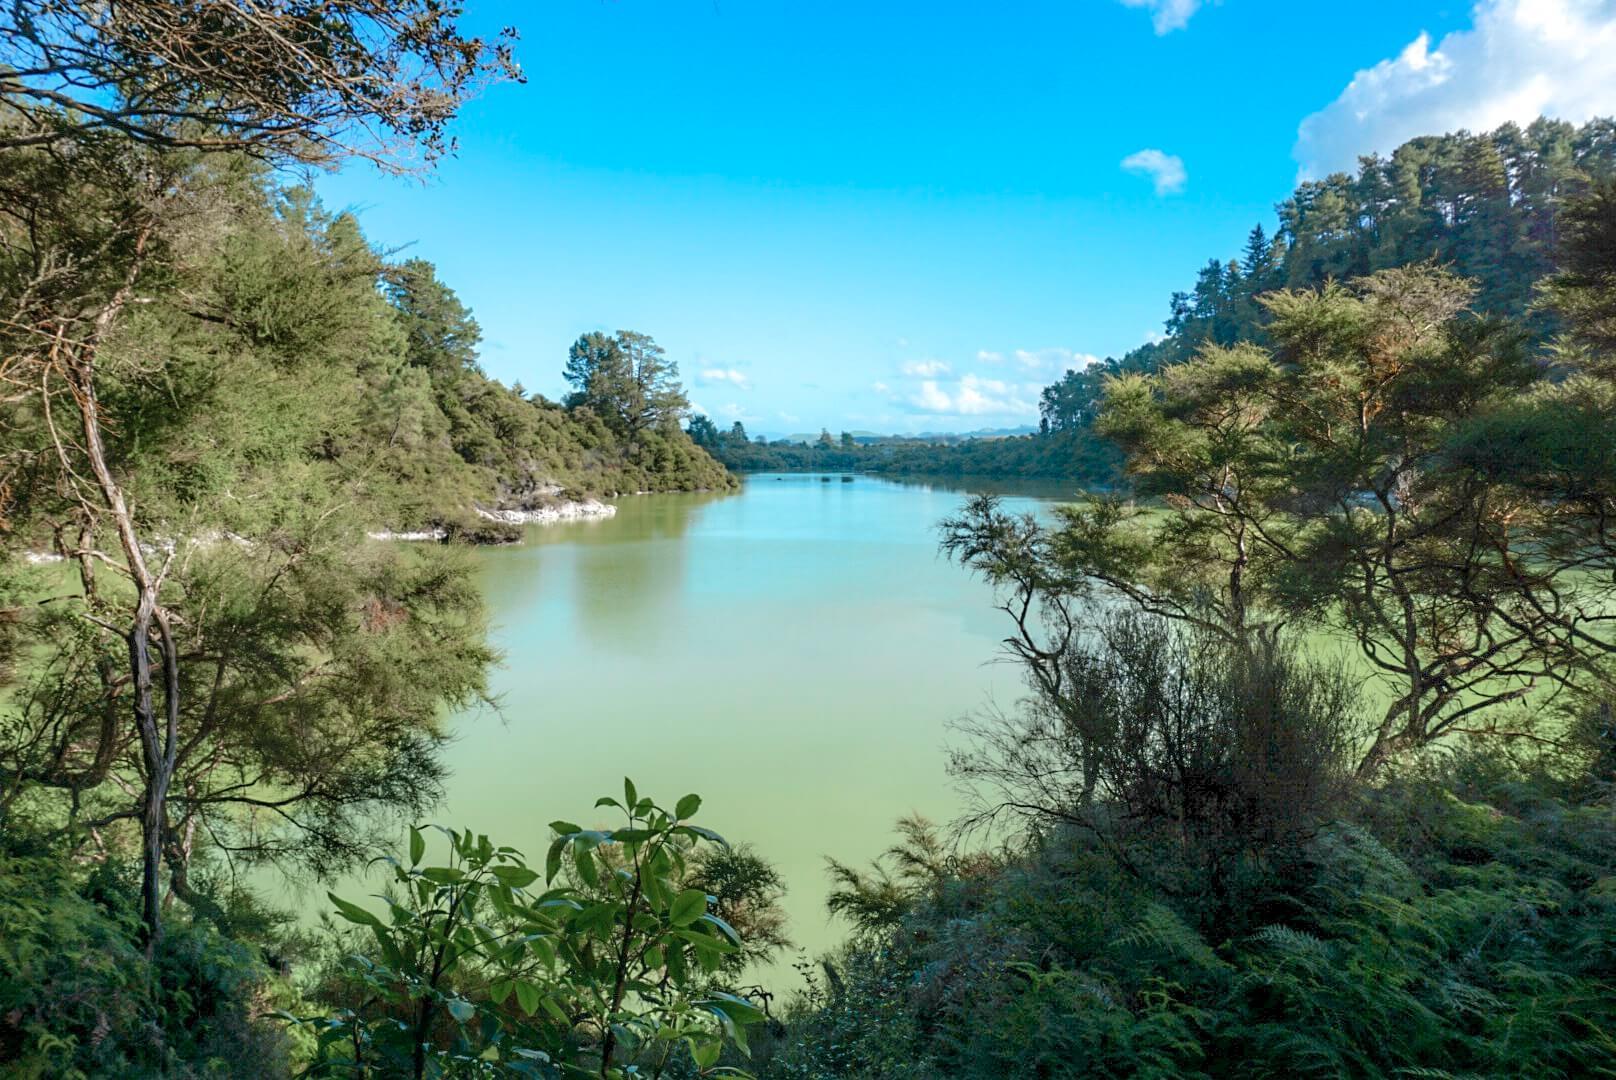 le lac vert du parc wai-o-tapu